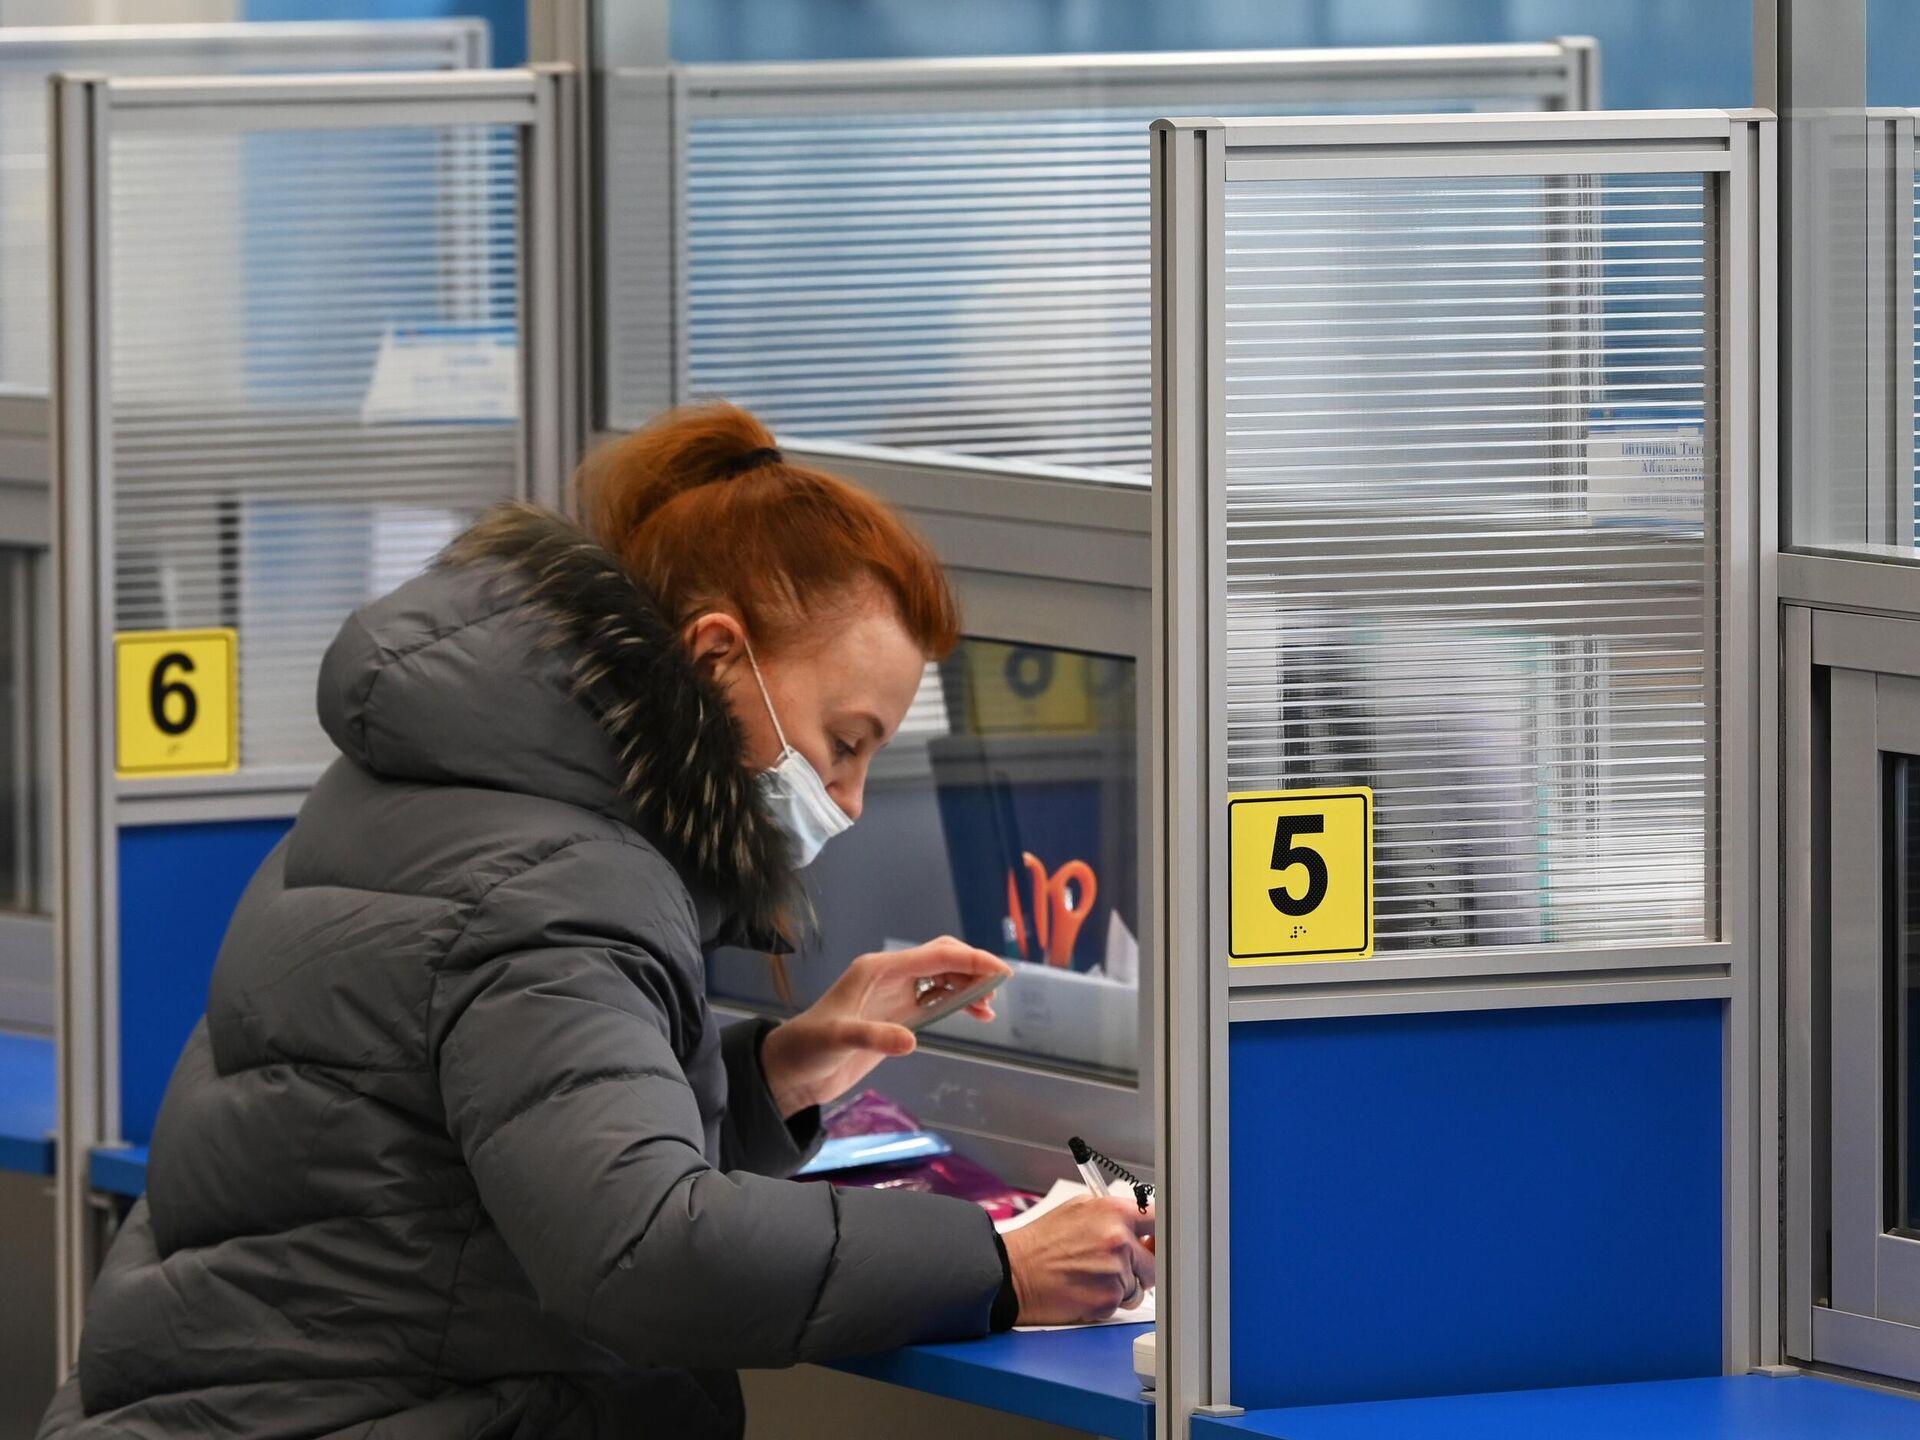 Кто может получить страховую часть пенсии единовременно в 2021 потребительская корзина ее вид